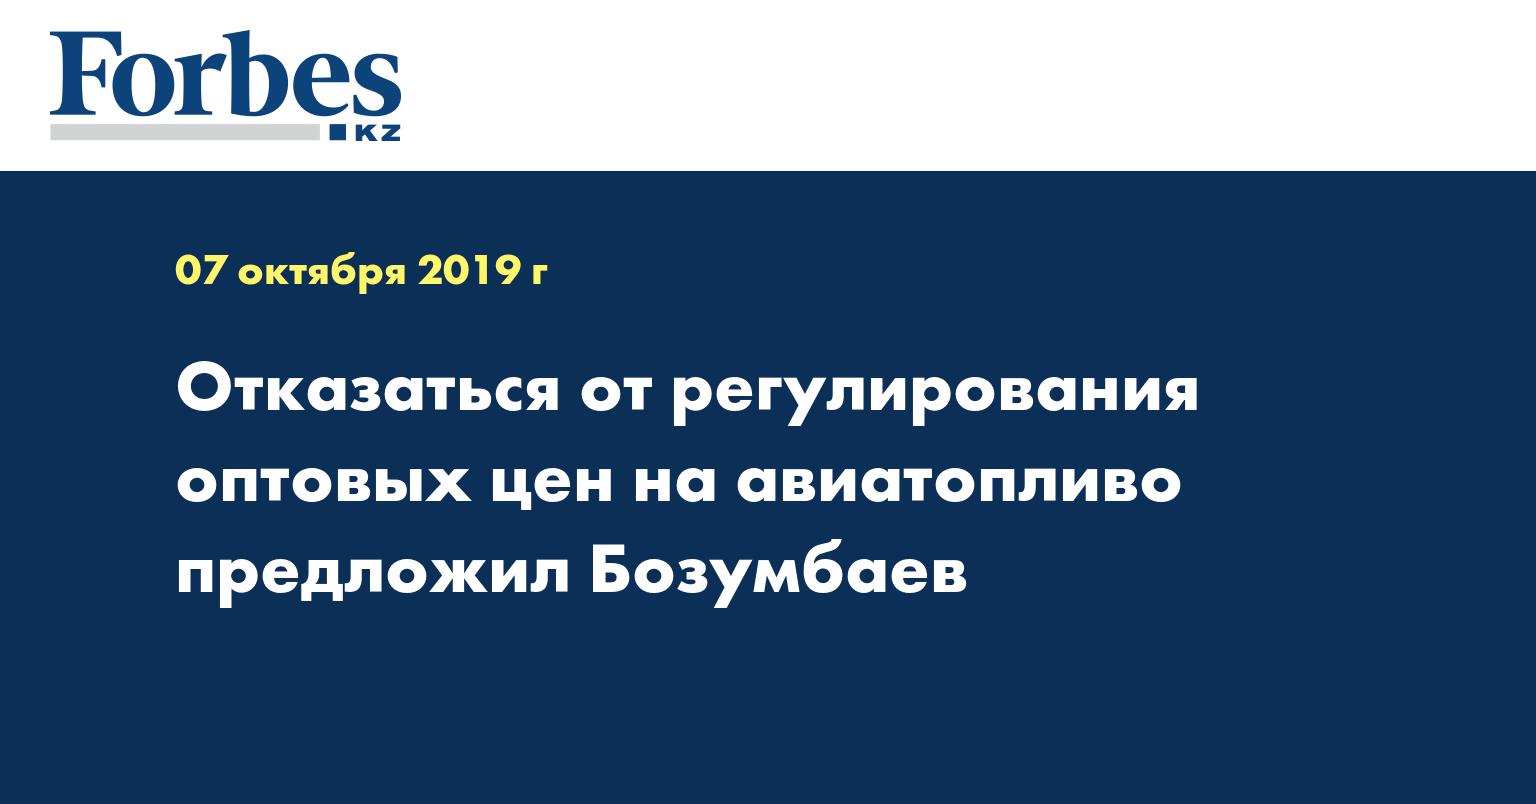 Отказаться от регулирования оптовых цен на авиатопливо предложил Бозумбаев